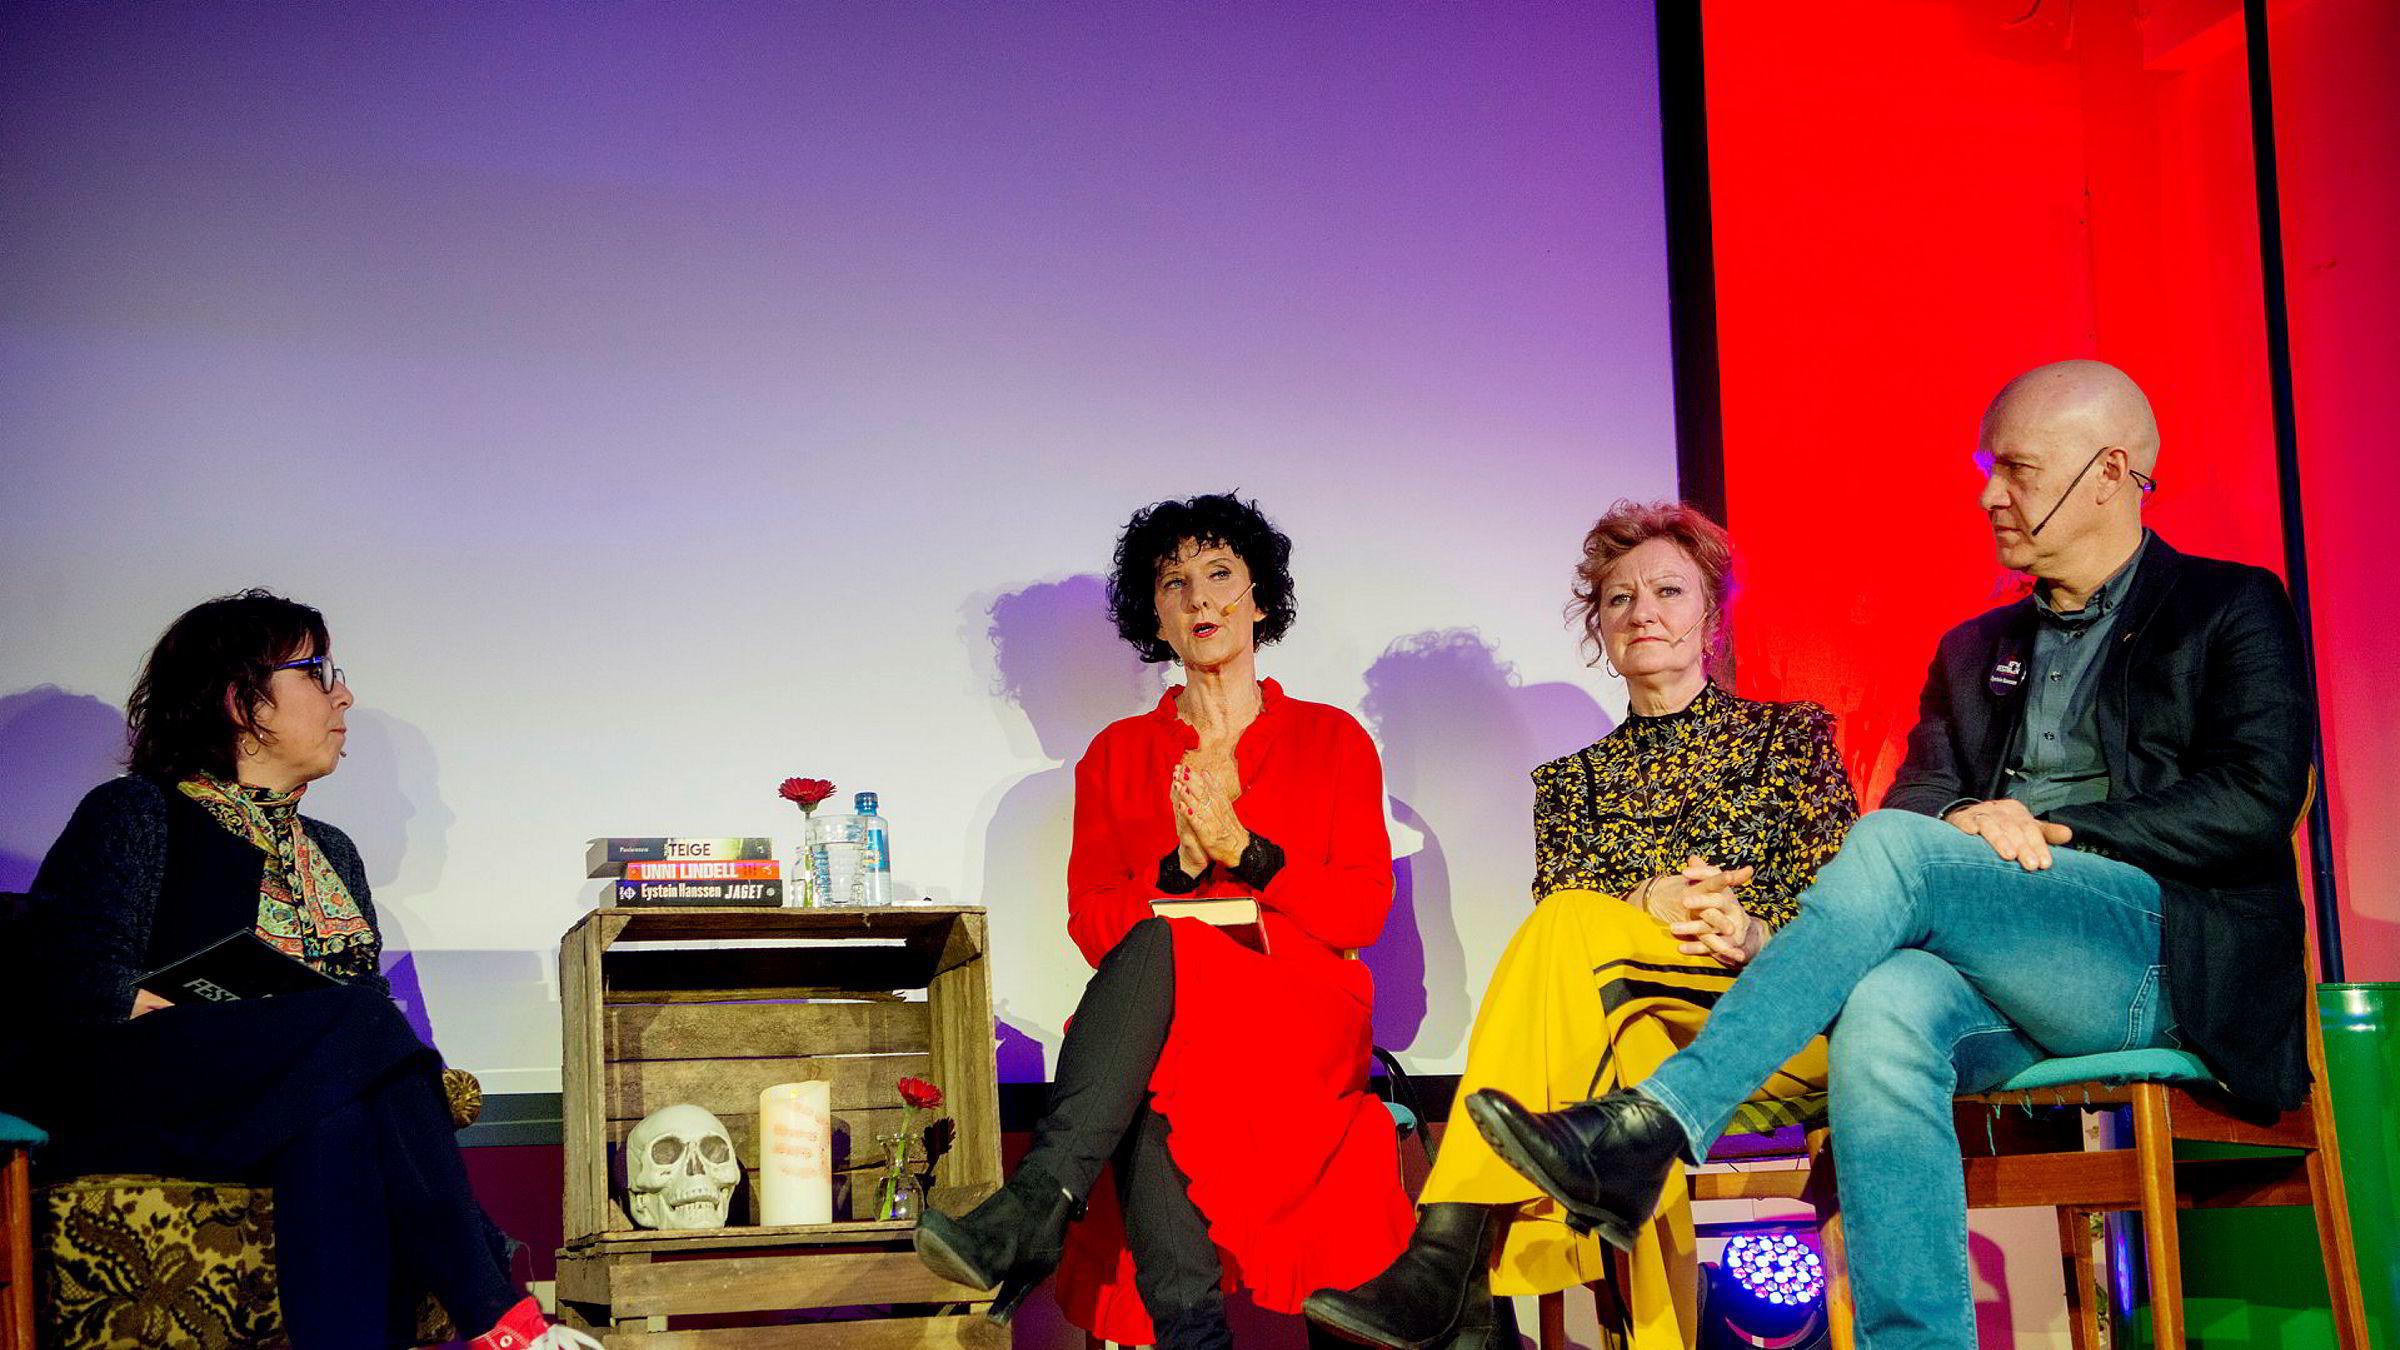 Anne Gaathaug er programleder under Krimfestivalen til Cappelen Damm (til venstre), her med Unni Lindell, Trude Teige og Eystein Hanssen i samtale om Kvinnlige forfattere med mannlig helt vs. mannlig forfatter med kvinnelig helt.